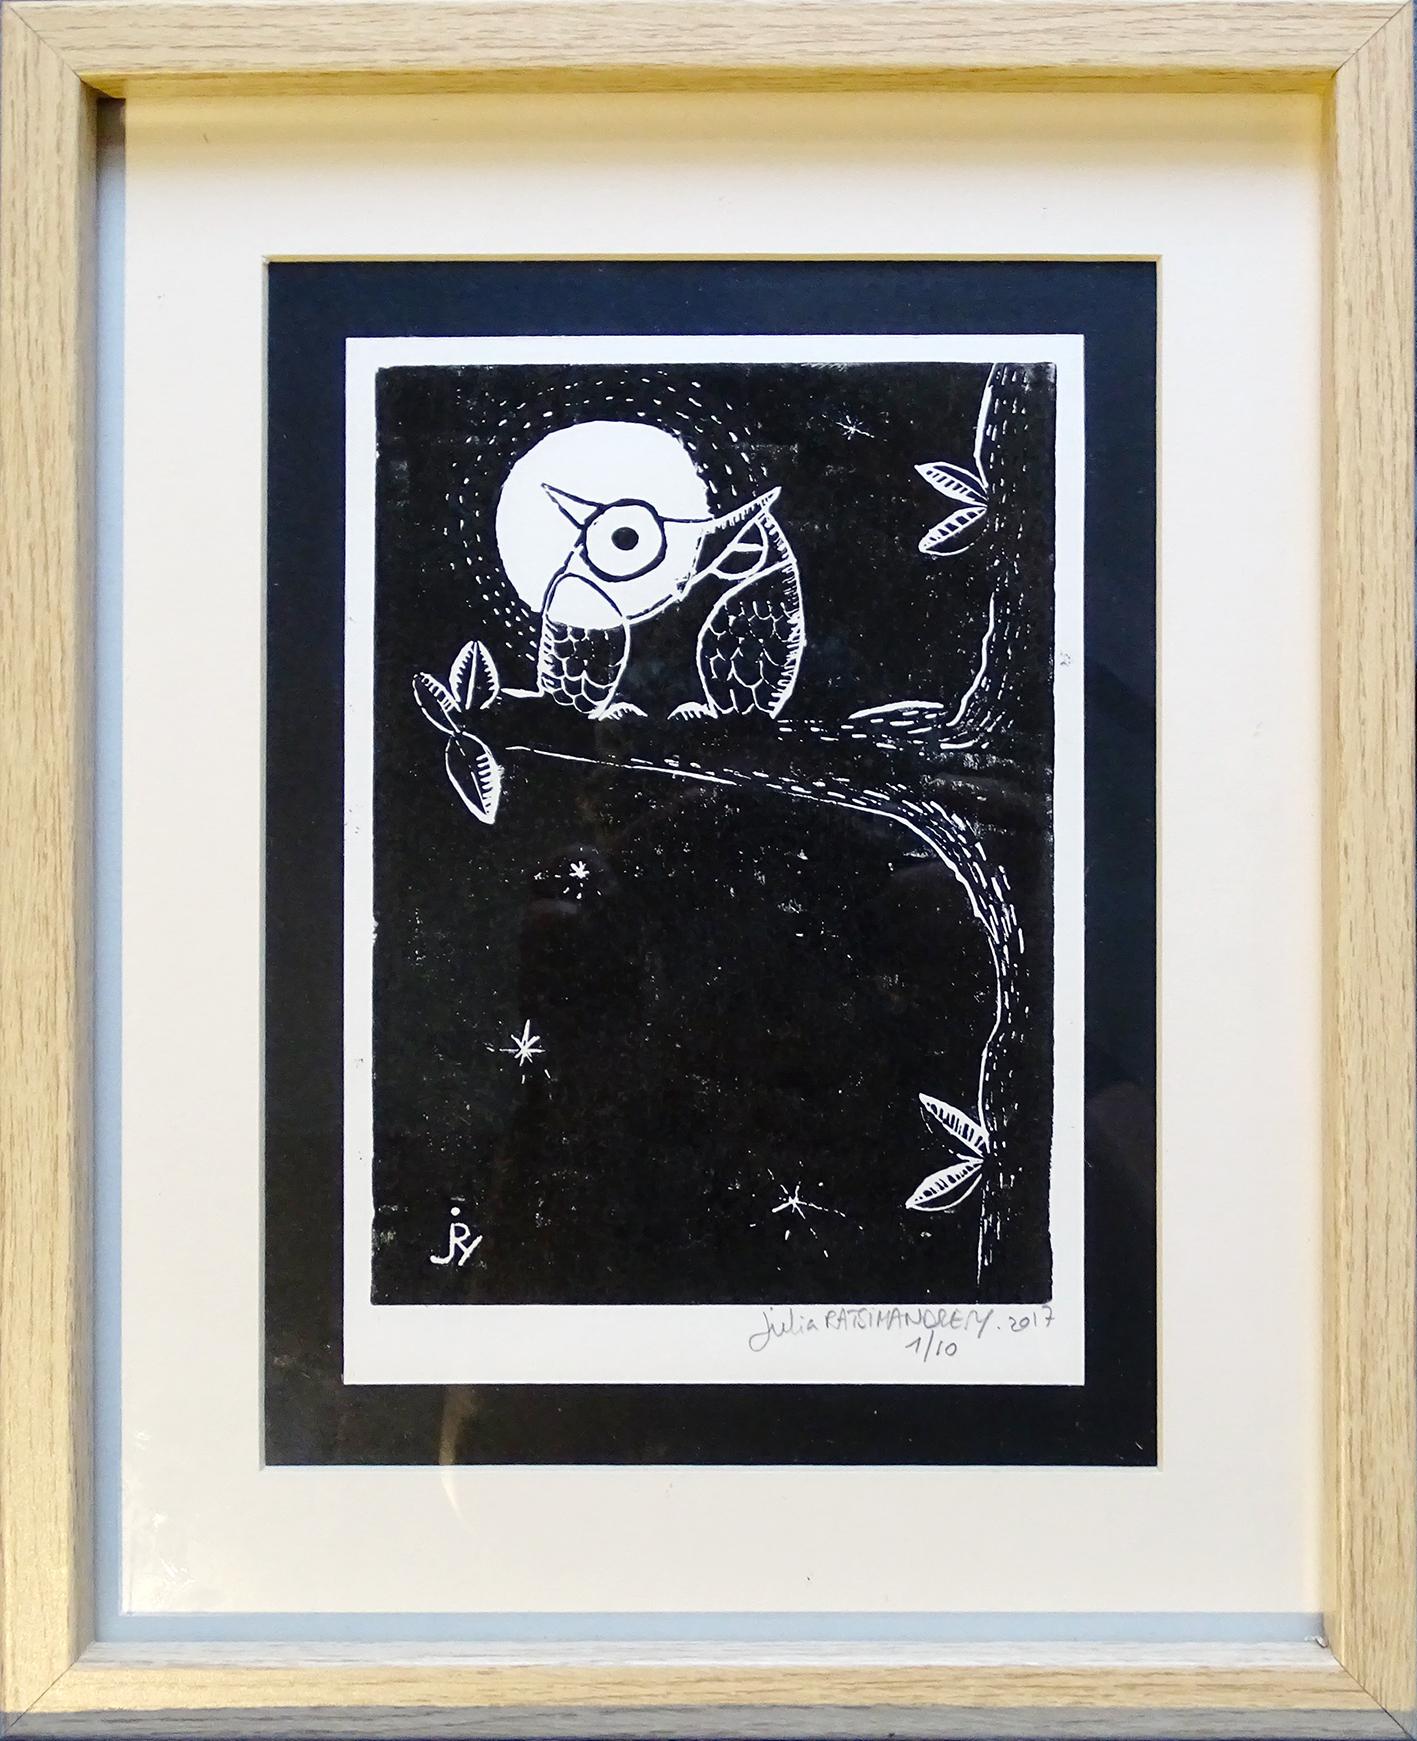 """""""Insomnie de pleine lune"""" ©Julia Ratsimandresy / Linogravure encadrée / Cadre bois+verre format 26x32 cm / 60€ hors fdp / Dernier exemplaire!"""